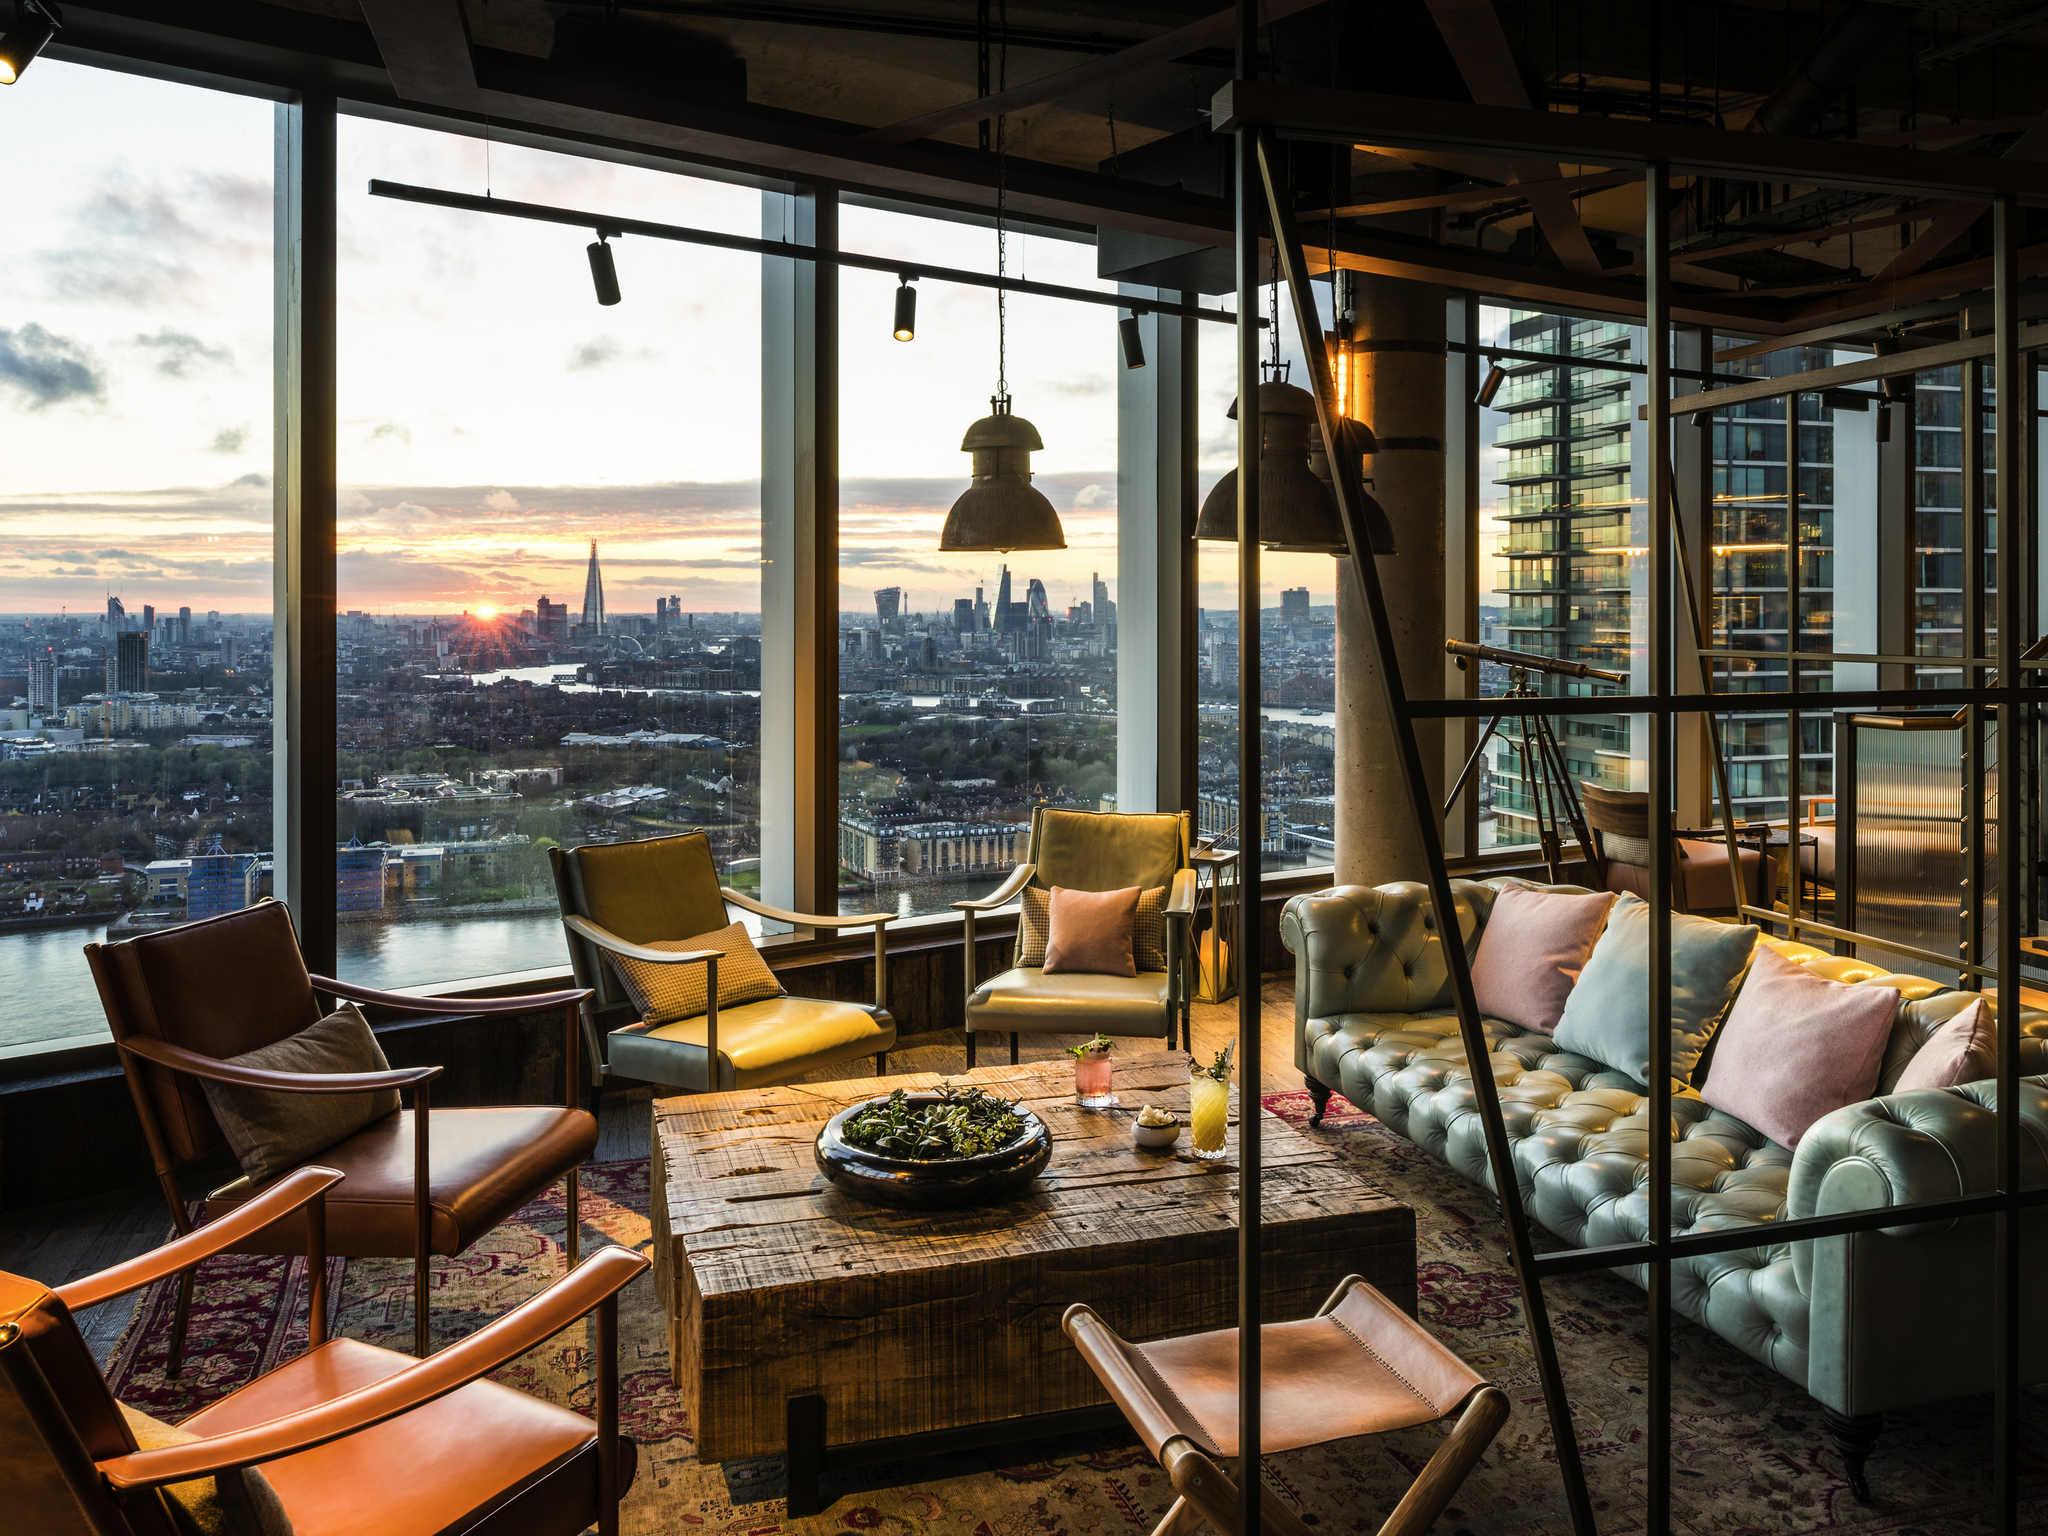 Hotell – Novotel London Canary Wharf